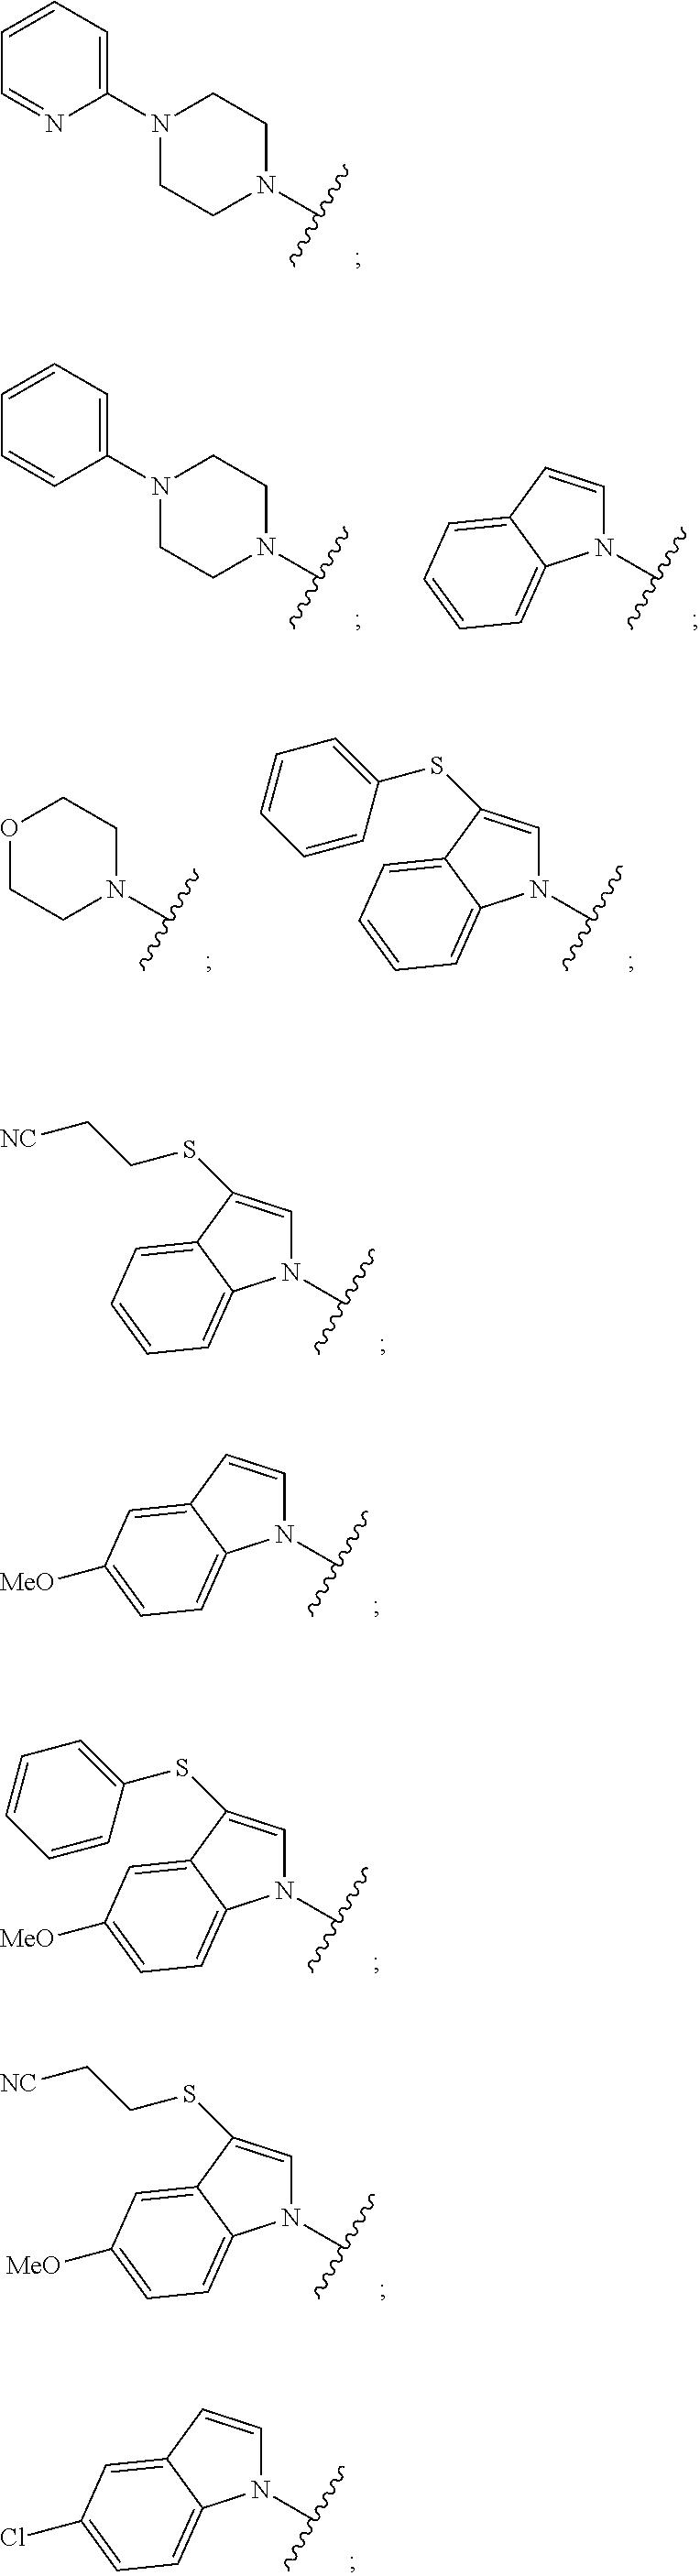 Figure US09353133-20160531-C00167